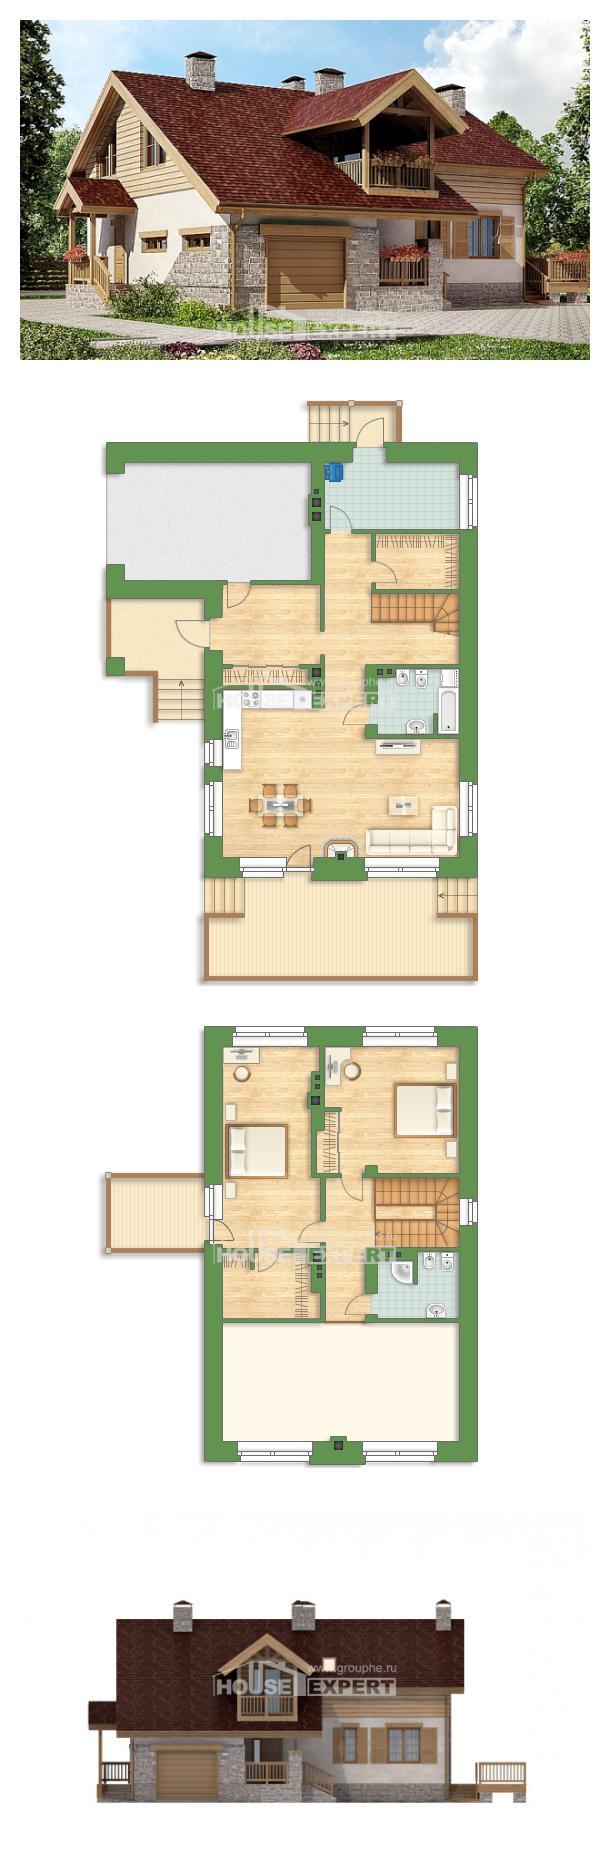 Проект дома 165-002-П | House Expert